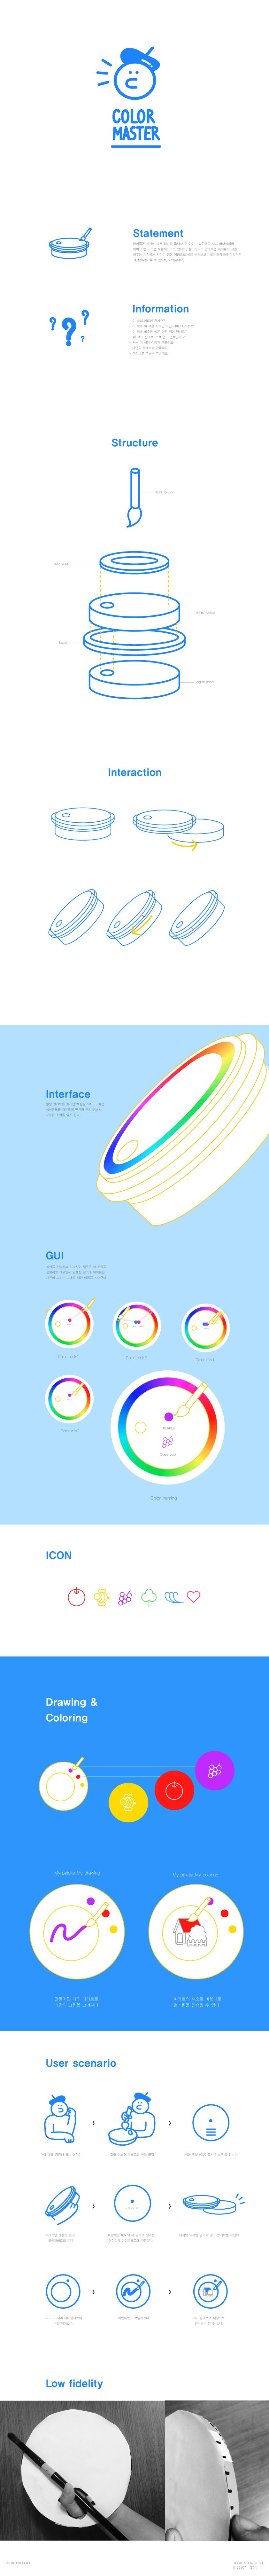 Kim, Ju Ry | Color master palette | Visual Interface Design(2) 2016 | Major in Digital Media Design │#hicoda │hicoda.hongik.ac.kr